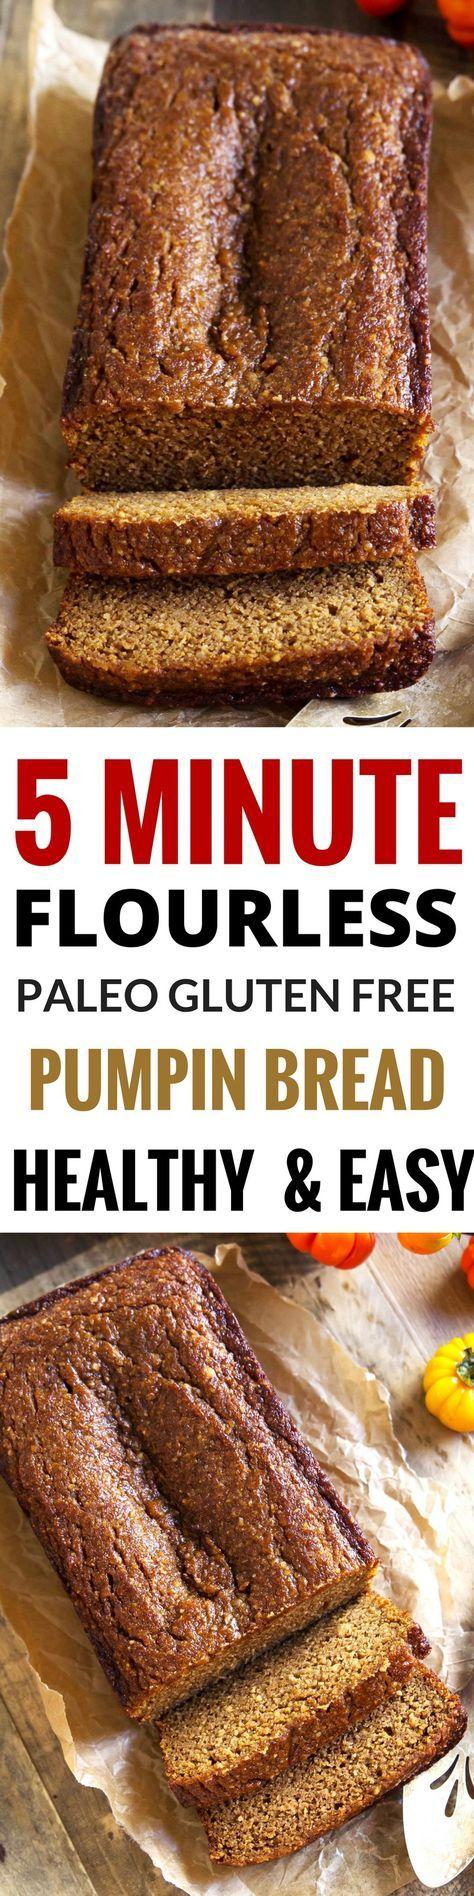 Best Paleo Pumpkin bread great for breakfast! Easy, healthy pumpkin bread recipe. Gluten free, grain free, dairy free paleo pumpkin bread. Easy Gluten Free breakfast food. Healthy baking.